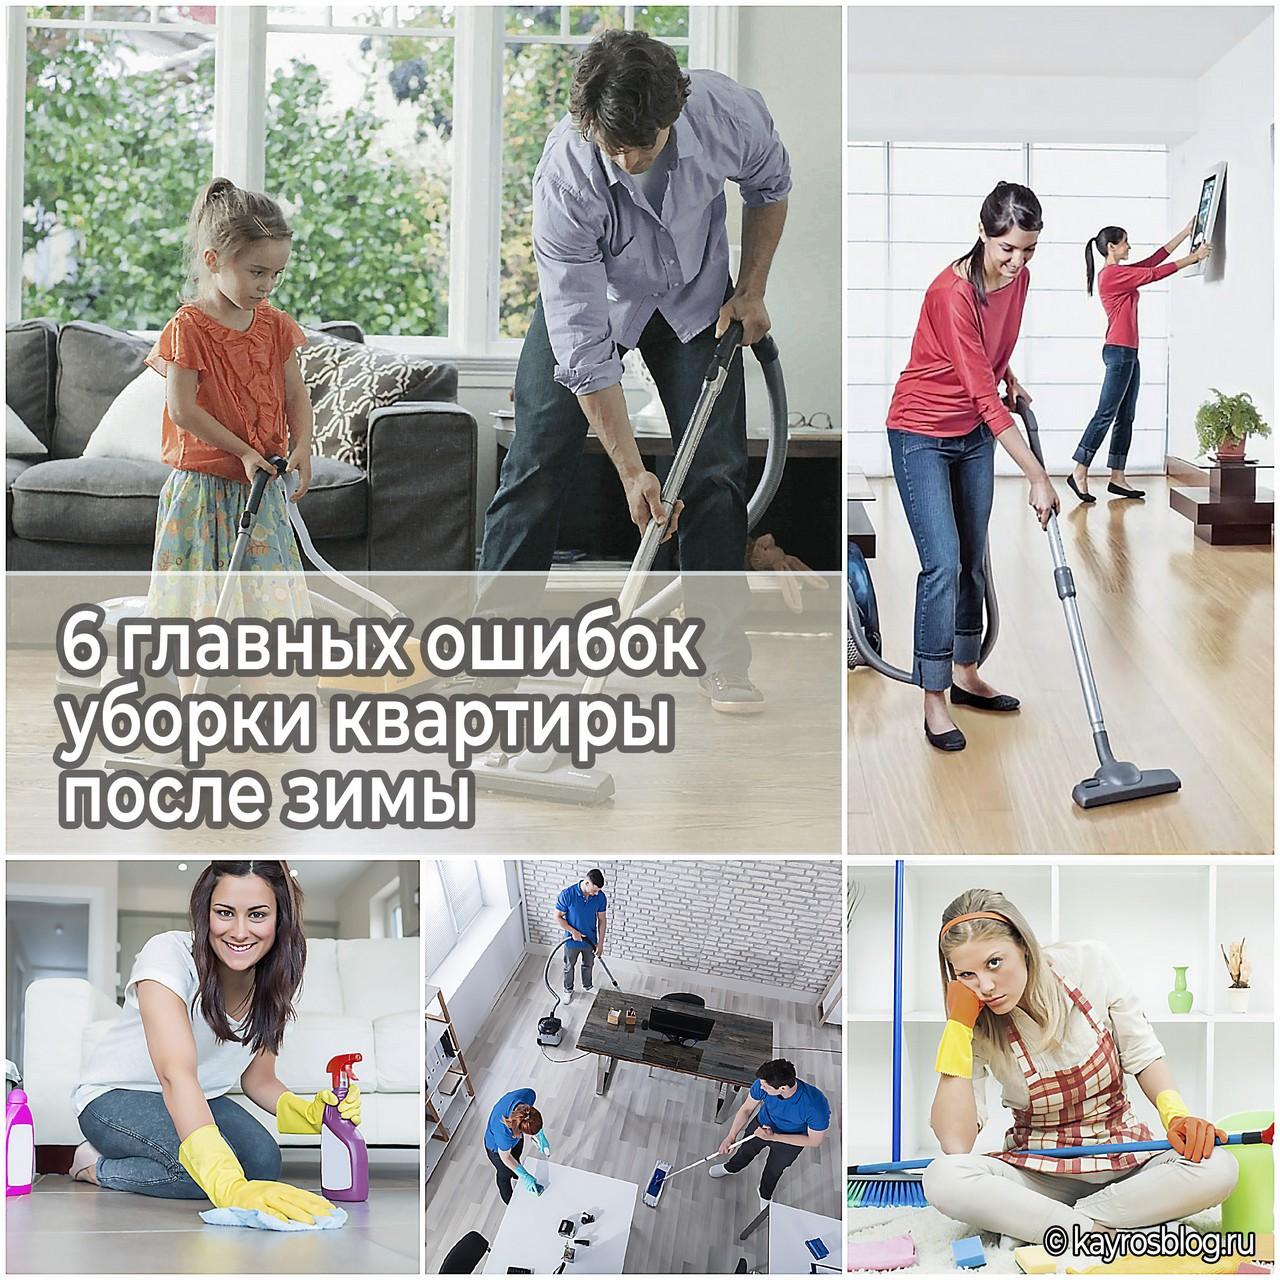 6 главных ошибок уборки квартиры после зимы